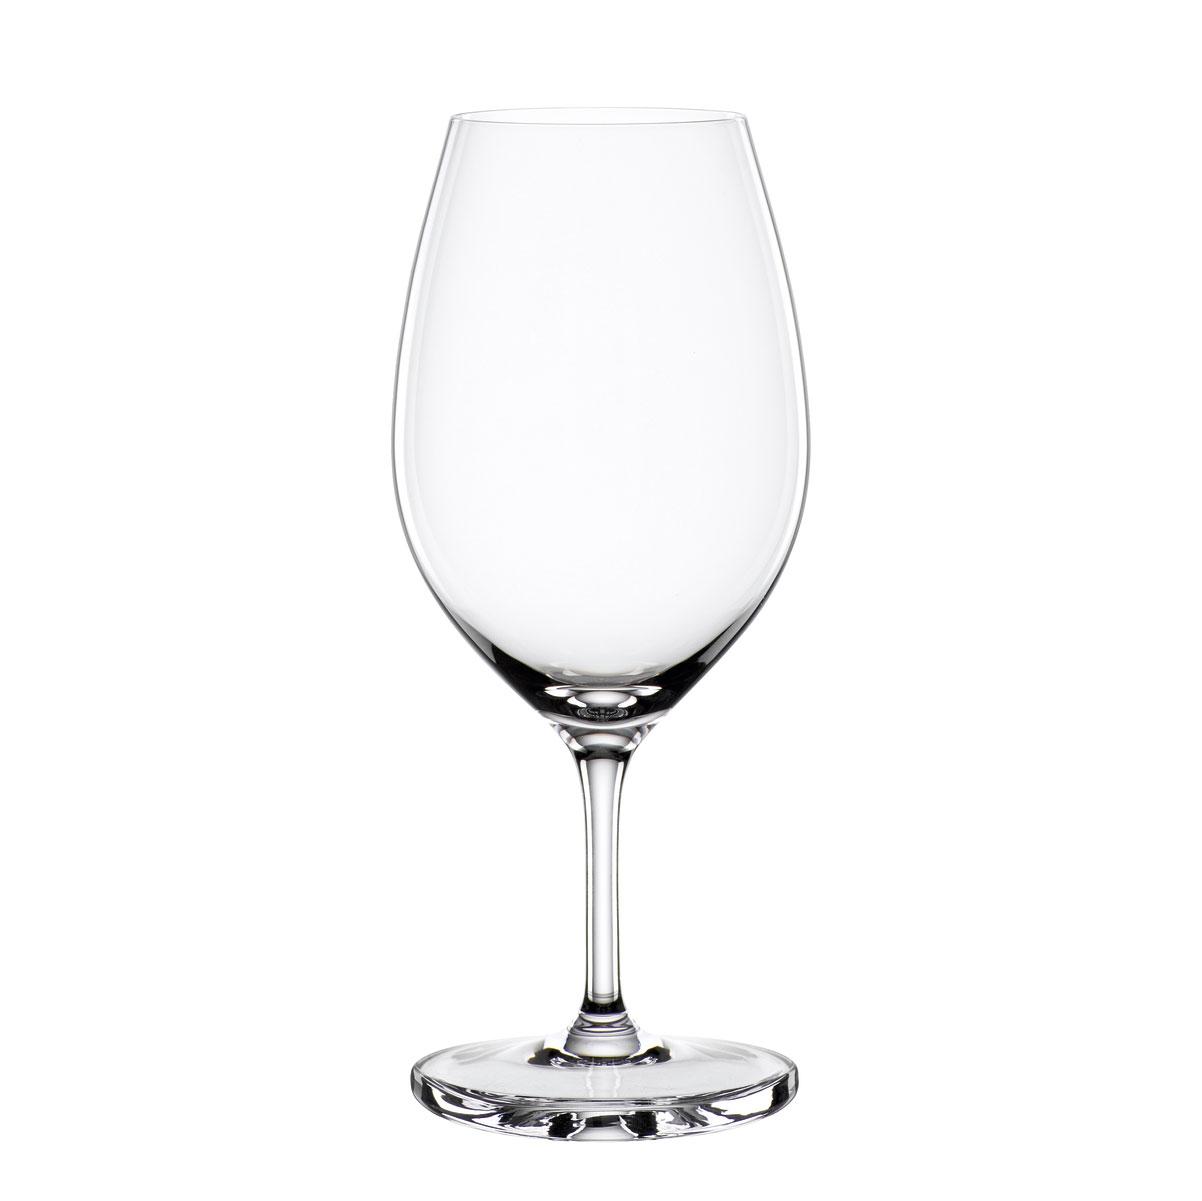 Libbey Glass 4208001 glass, wine